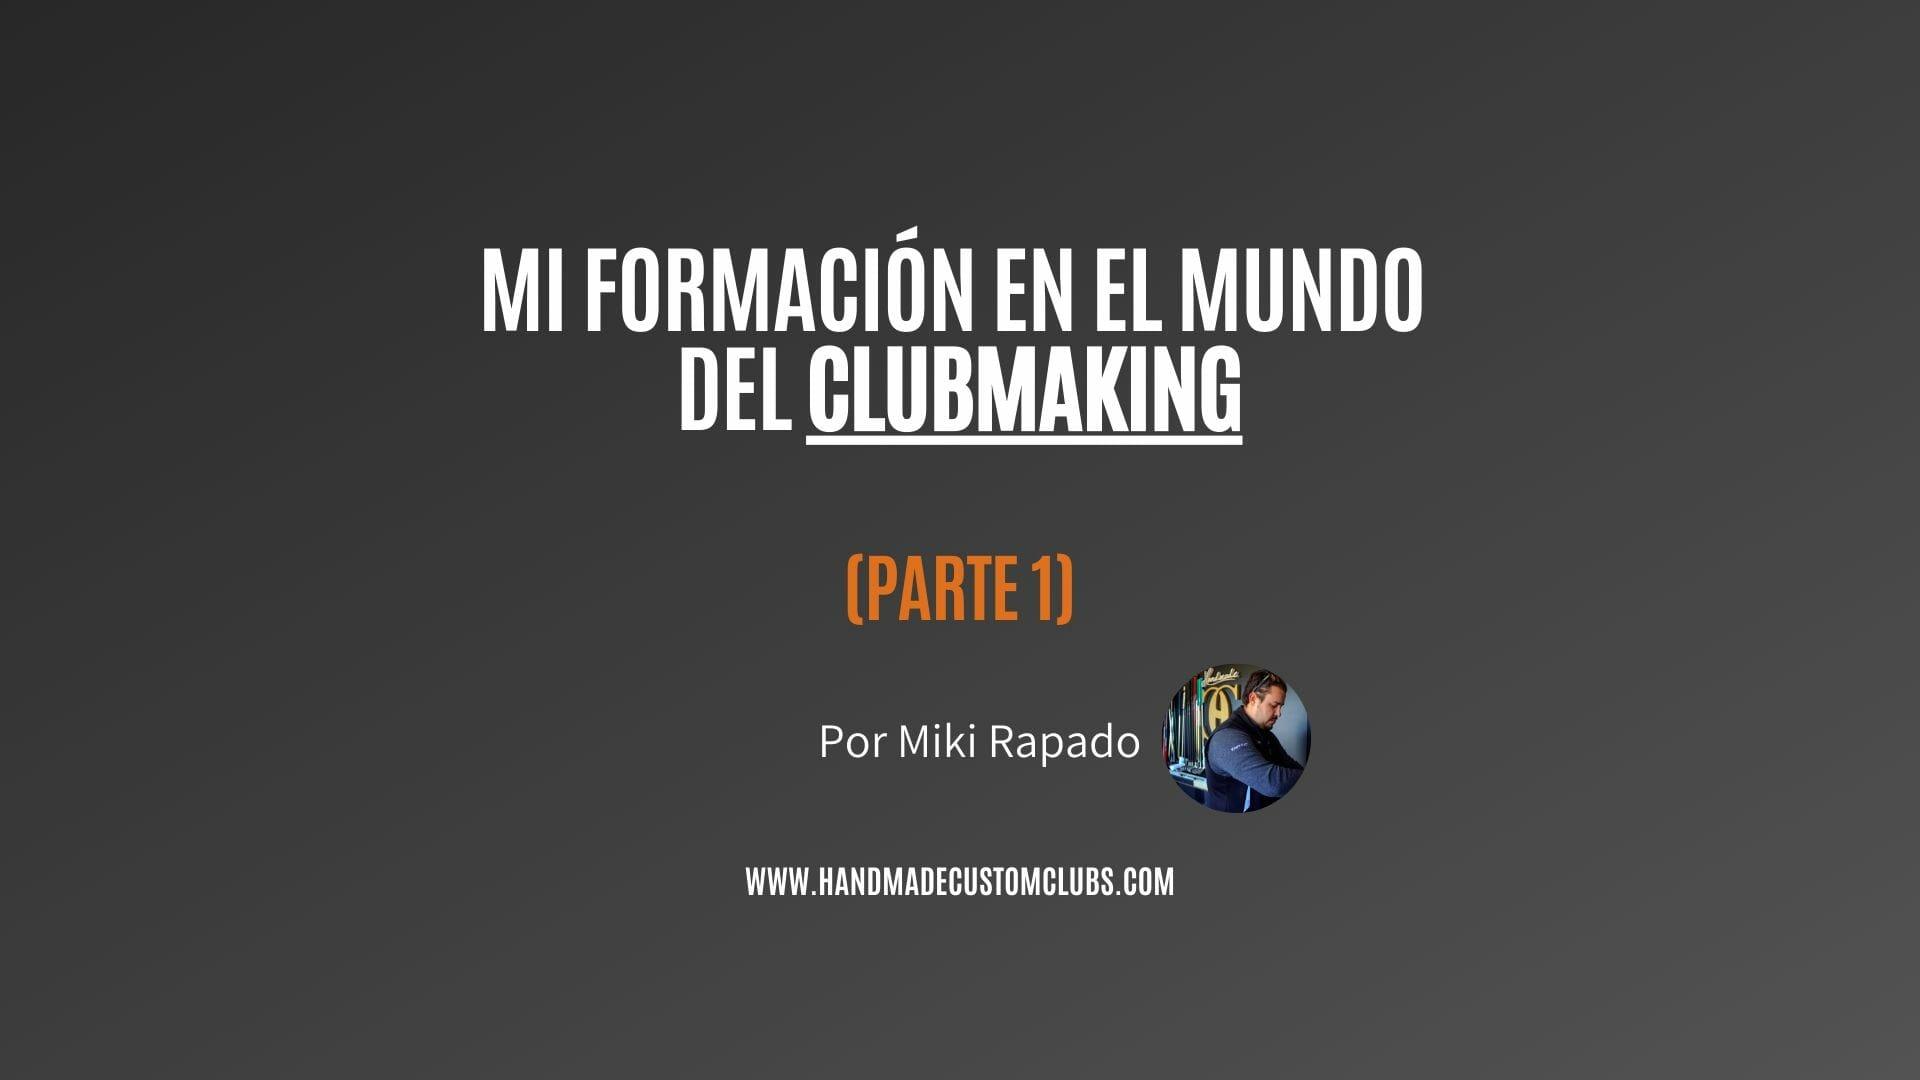 MIKI RAPADO - CLUBMAKING HCC